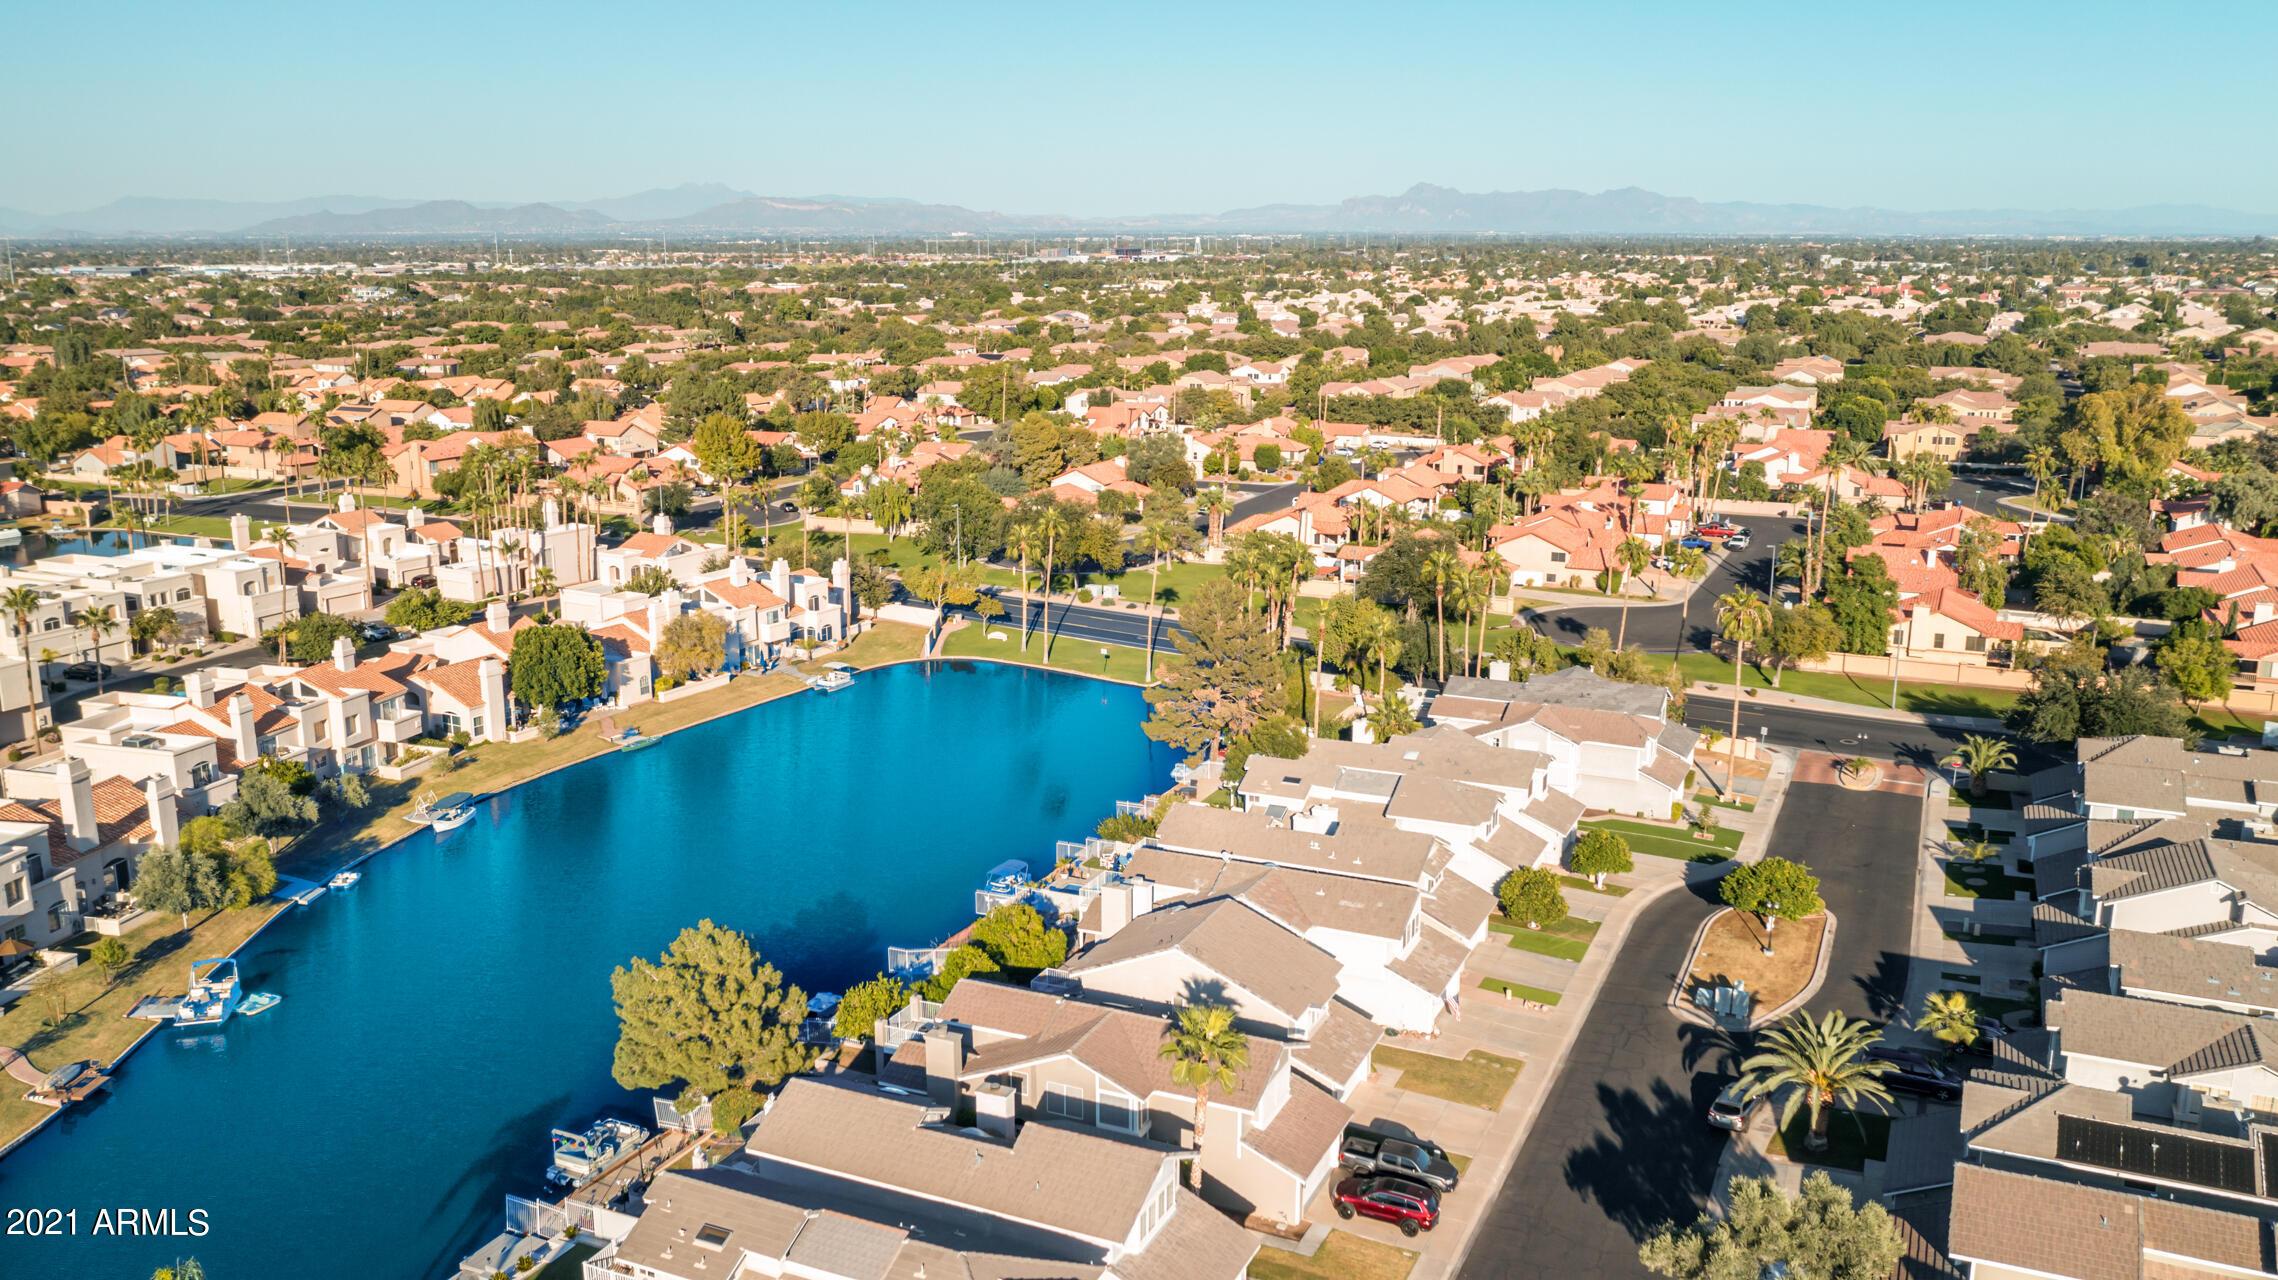 MLS 6308173 1362 W WINDRIFT Way, Gilbert, AZ 85233 Cul-De-Sac Homes